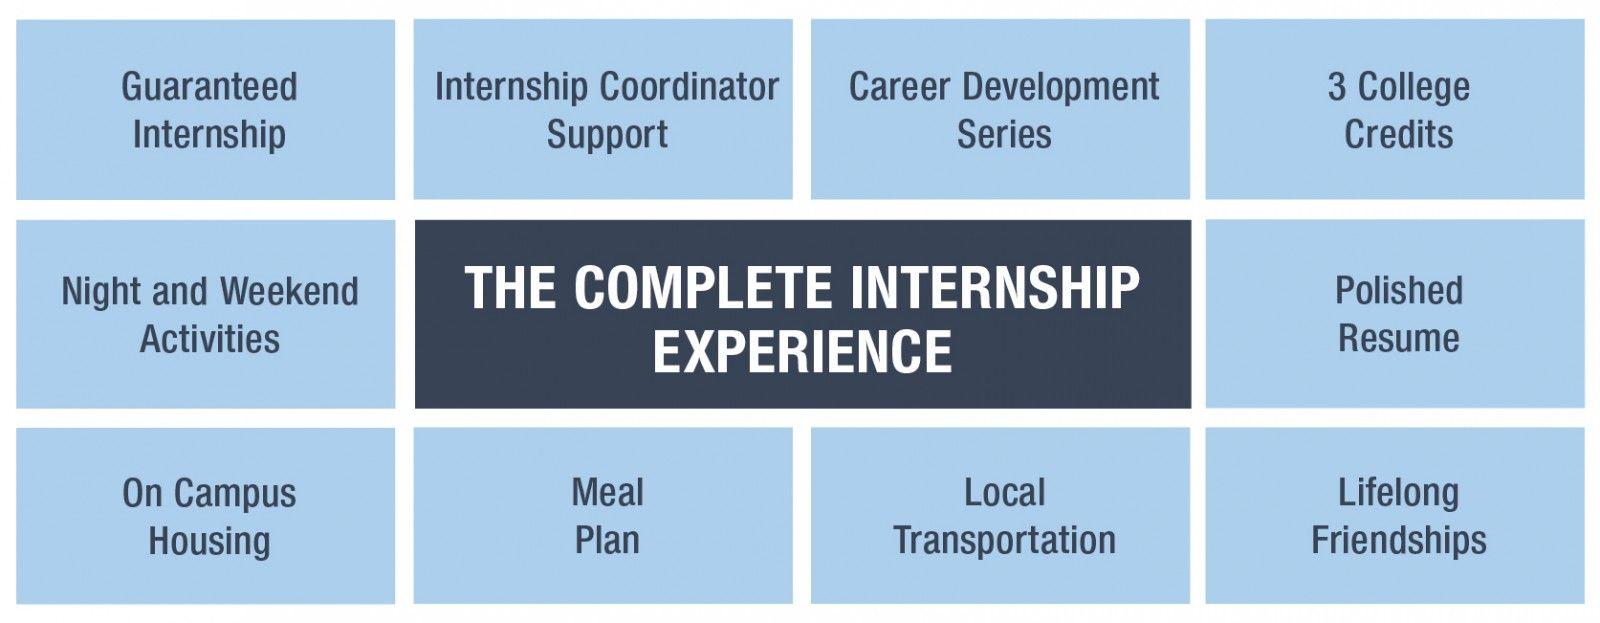 Discovery internships college internship internship